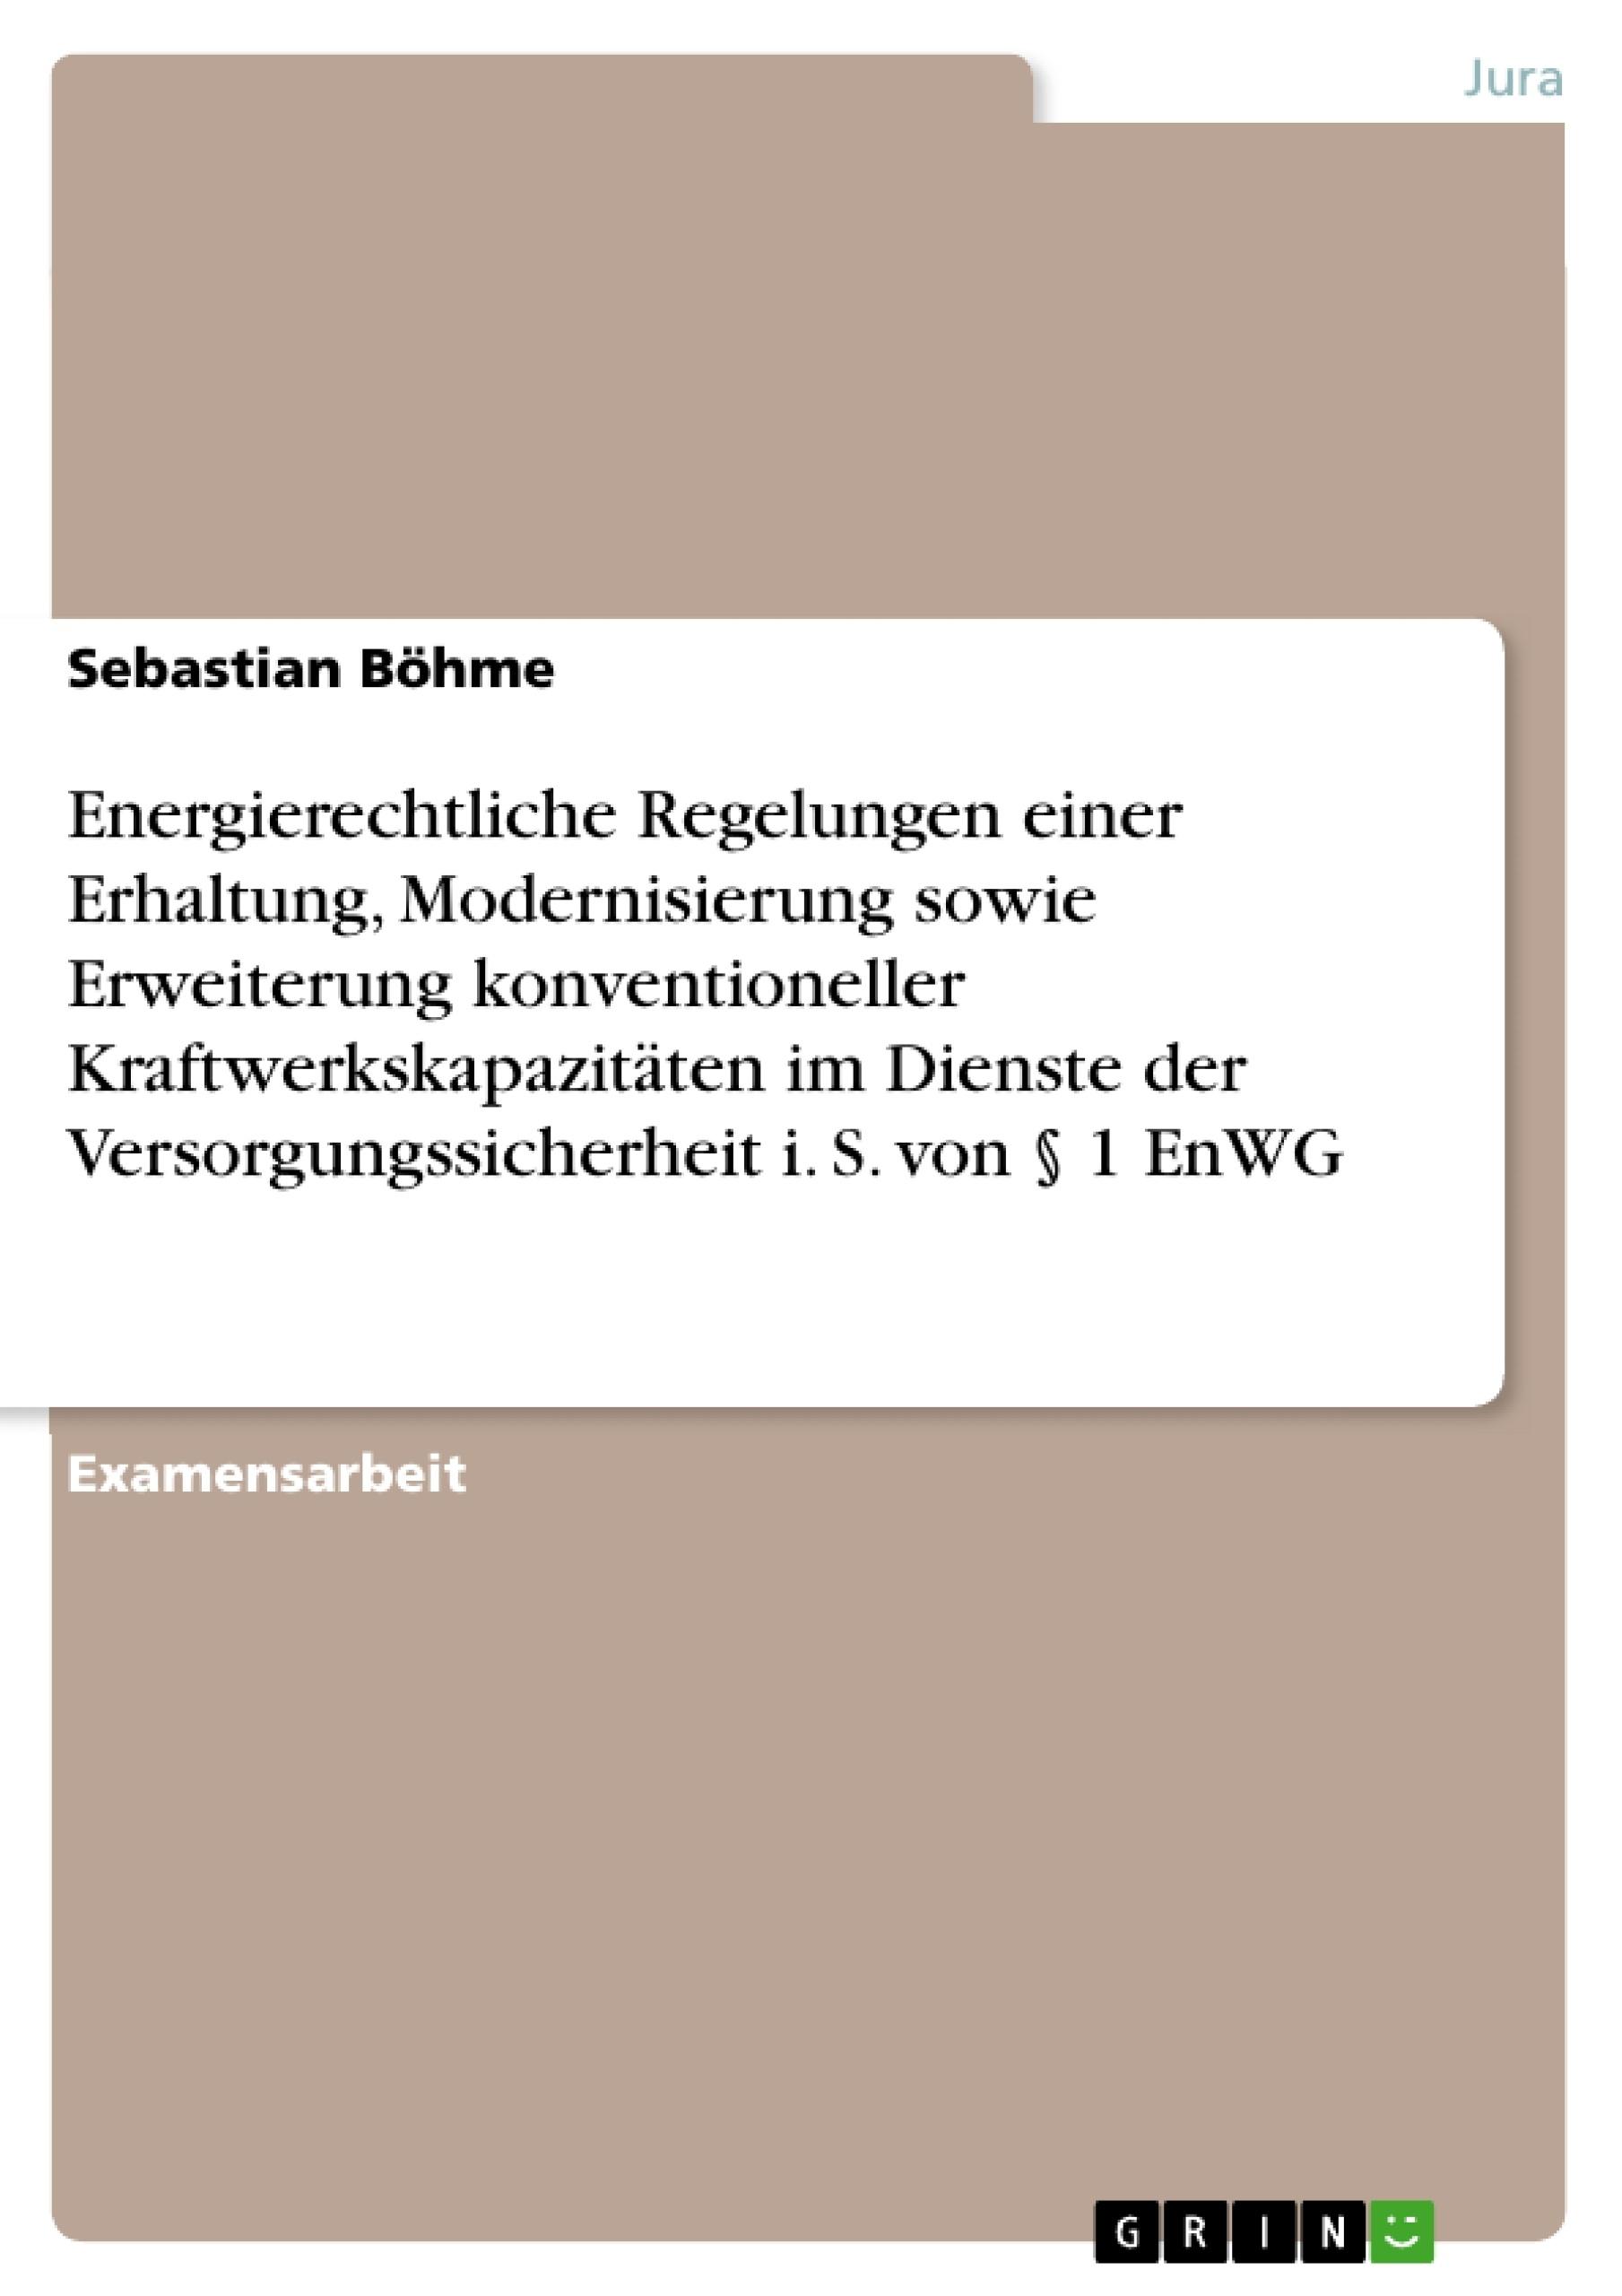 Titel: Energierechtliche Regelungen einer Erhaltung, Modernisierung sowie Erweiterung konventioneller Kraftwerkskapazitäten im Dienste der Versorgungssicherheit i. S. von § 1 EnWG